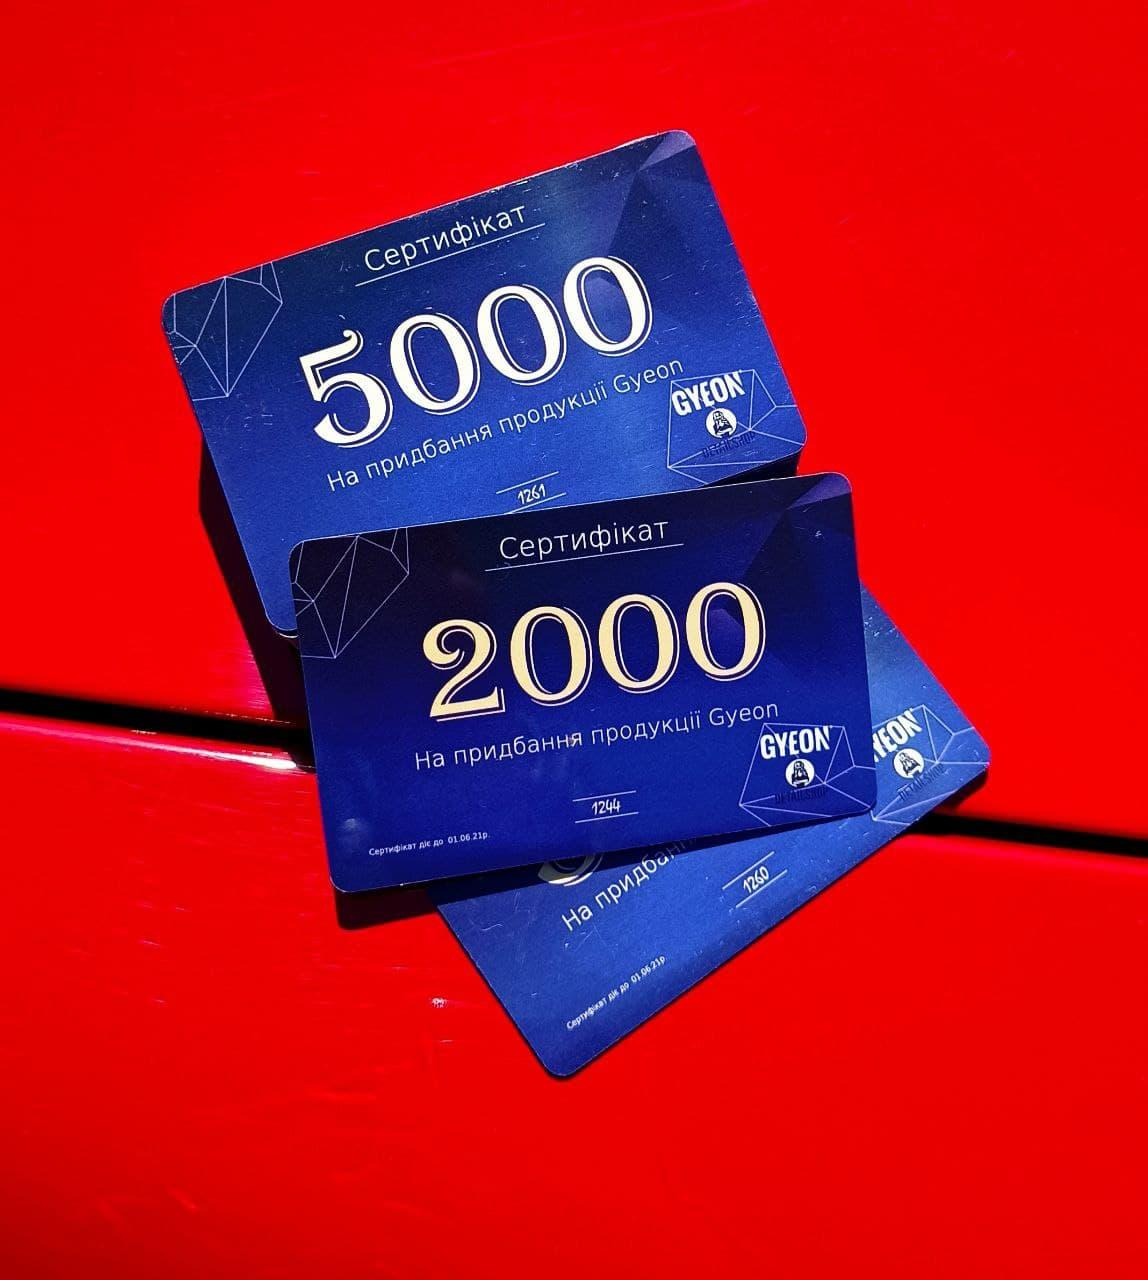 Подарочный сертификат на 5000 грн на приобретение продукции DetailShop